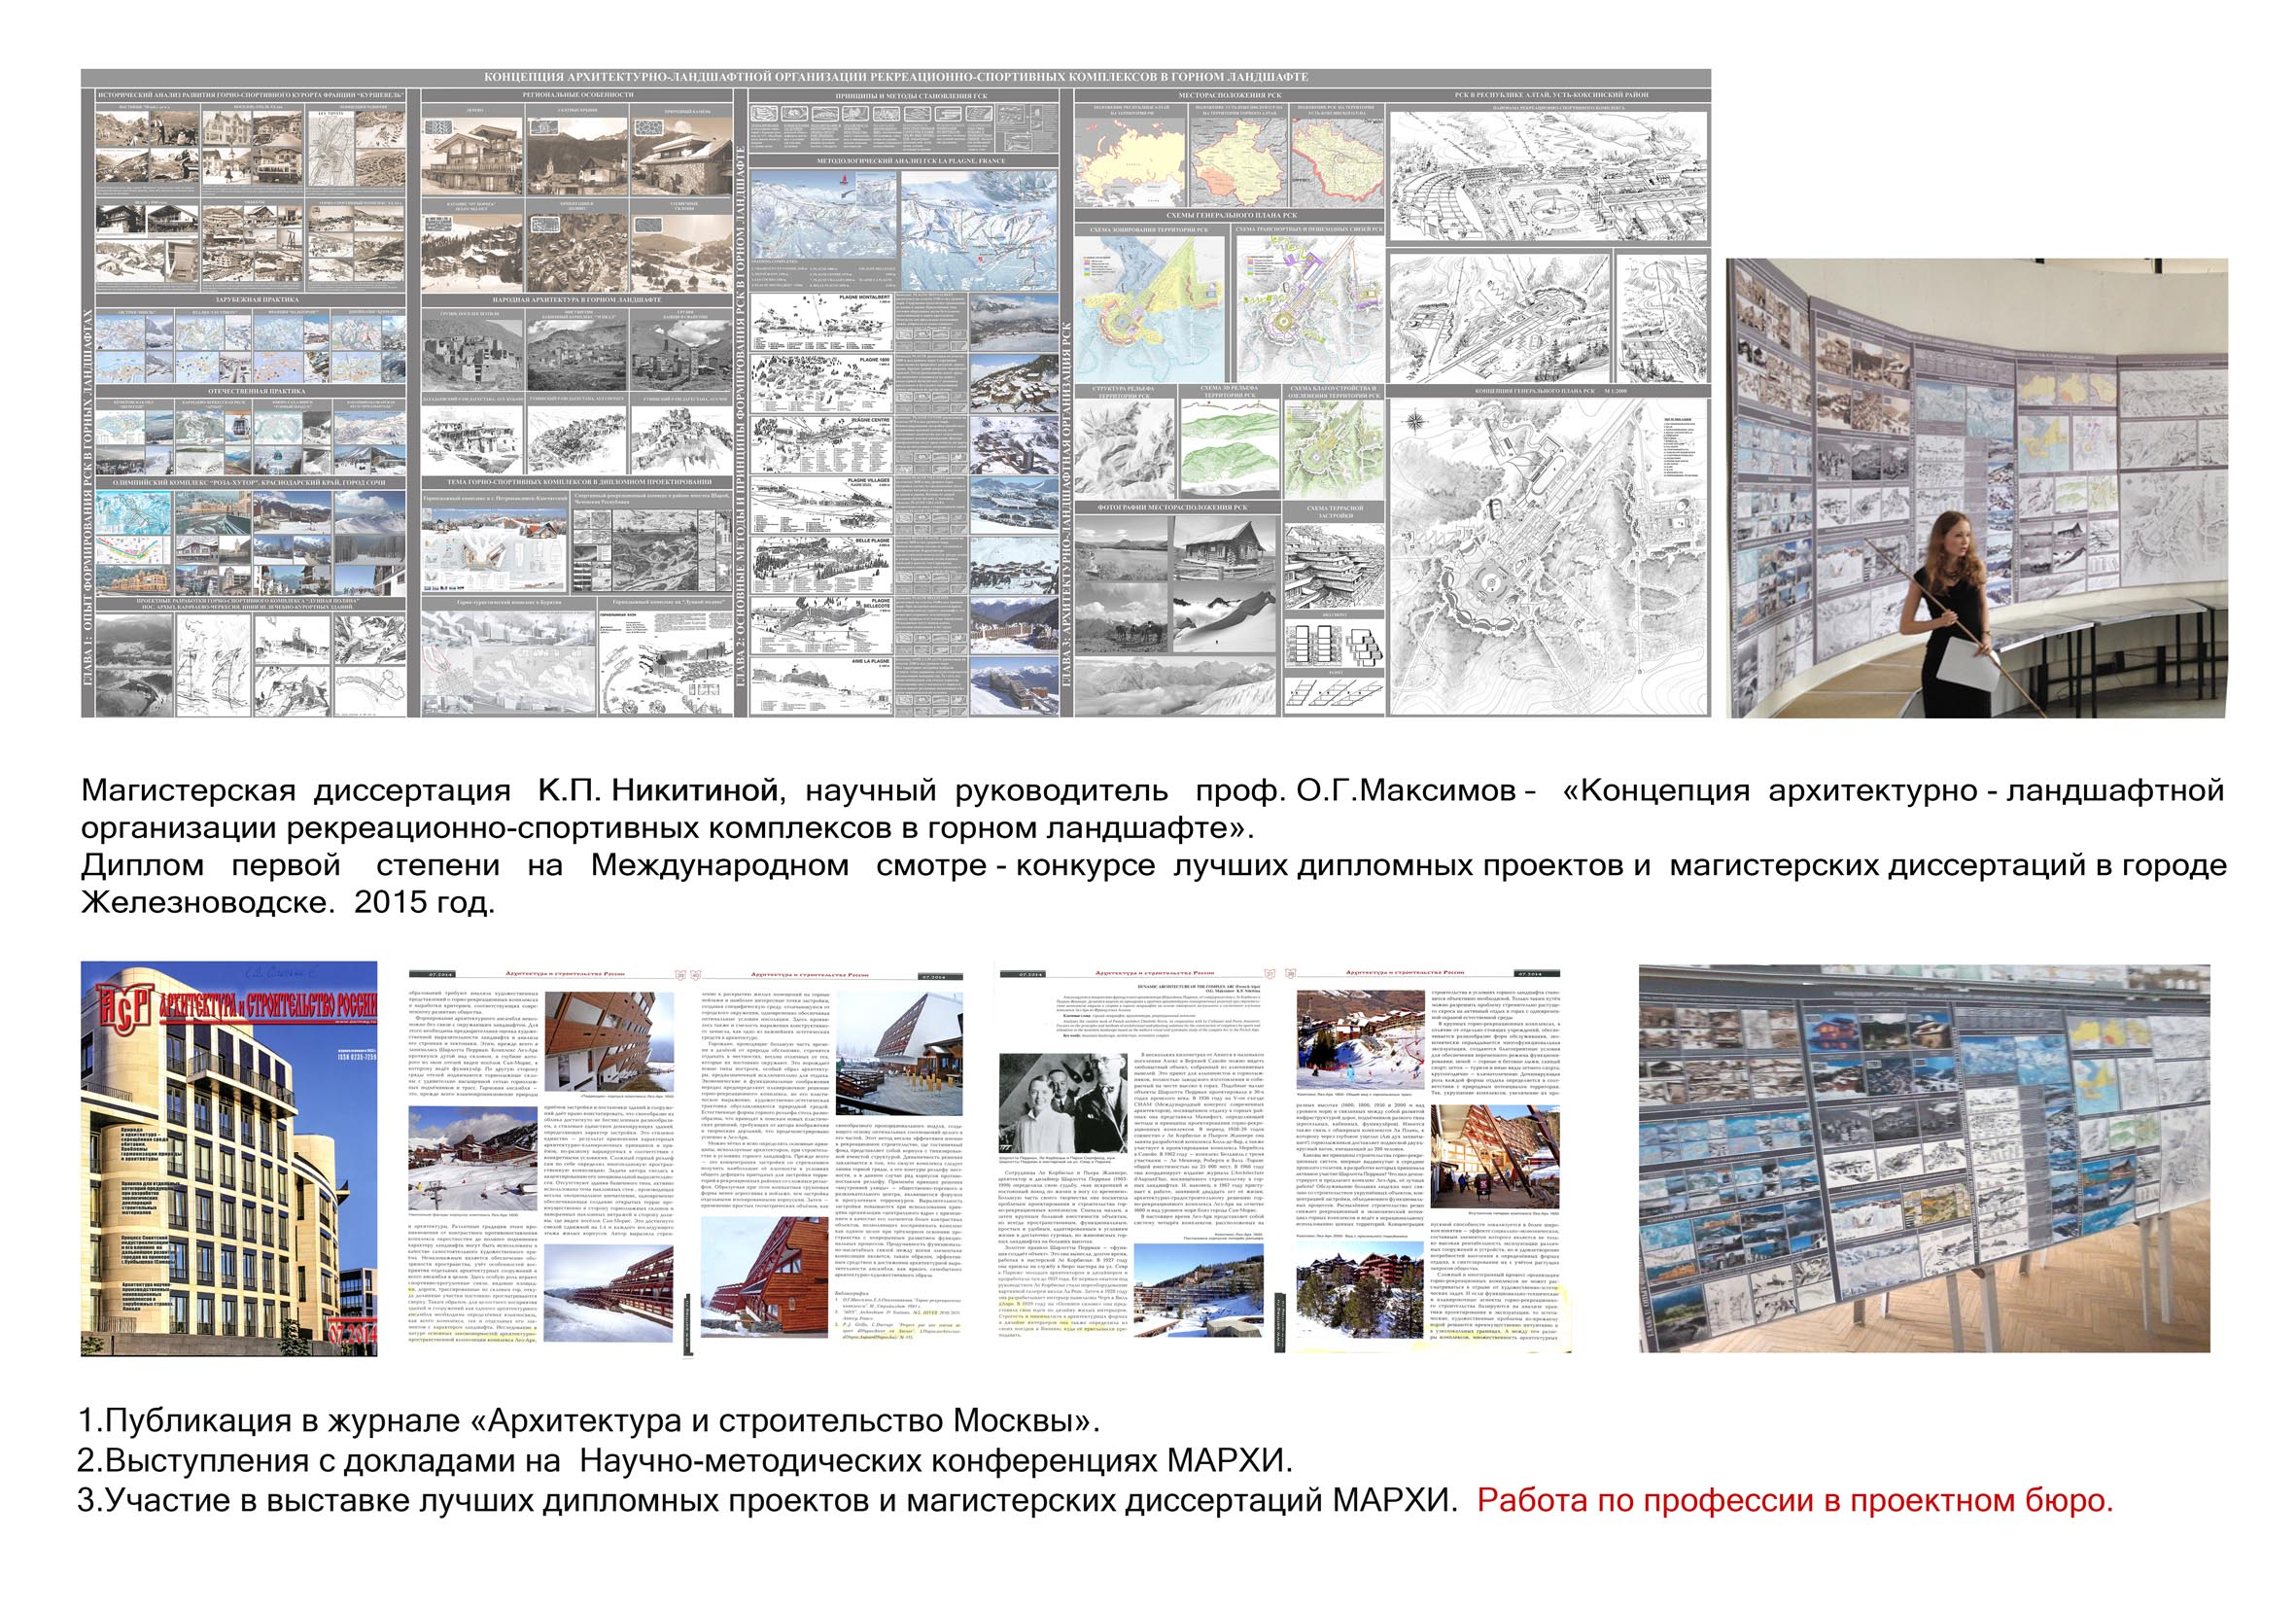 Темы магистерских диссертаций по архитектуре и реконструкции 851